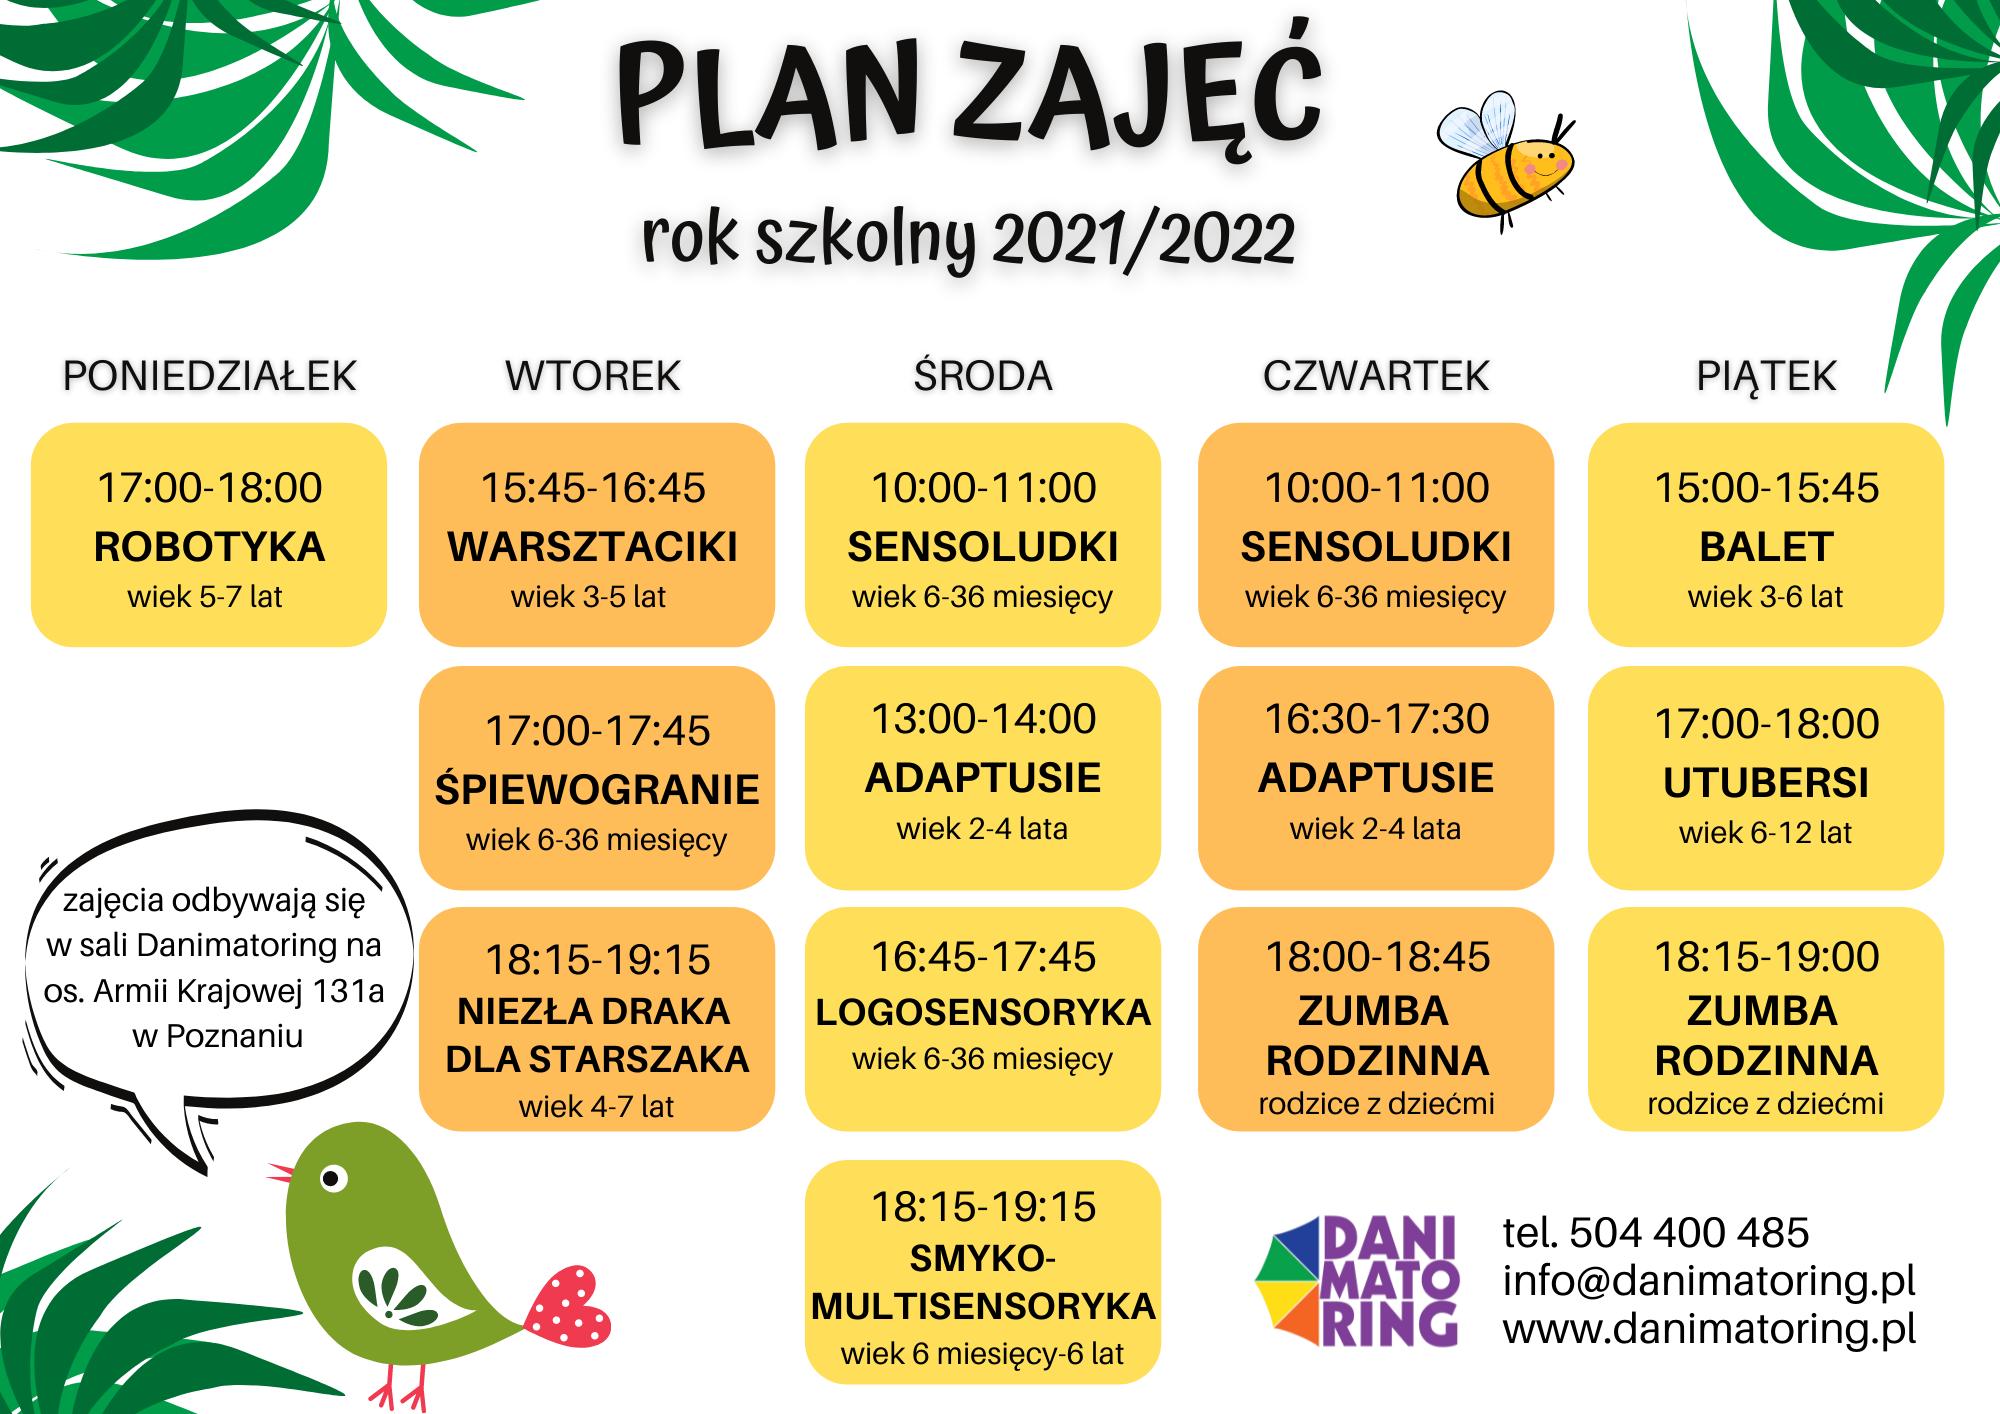 Warsztaty W Sali Danimatoring - Plan Zajęć Na Rok Szkolny 2021/2022 - Danimatoring.pl zdjęcie nr 1